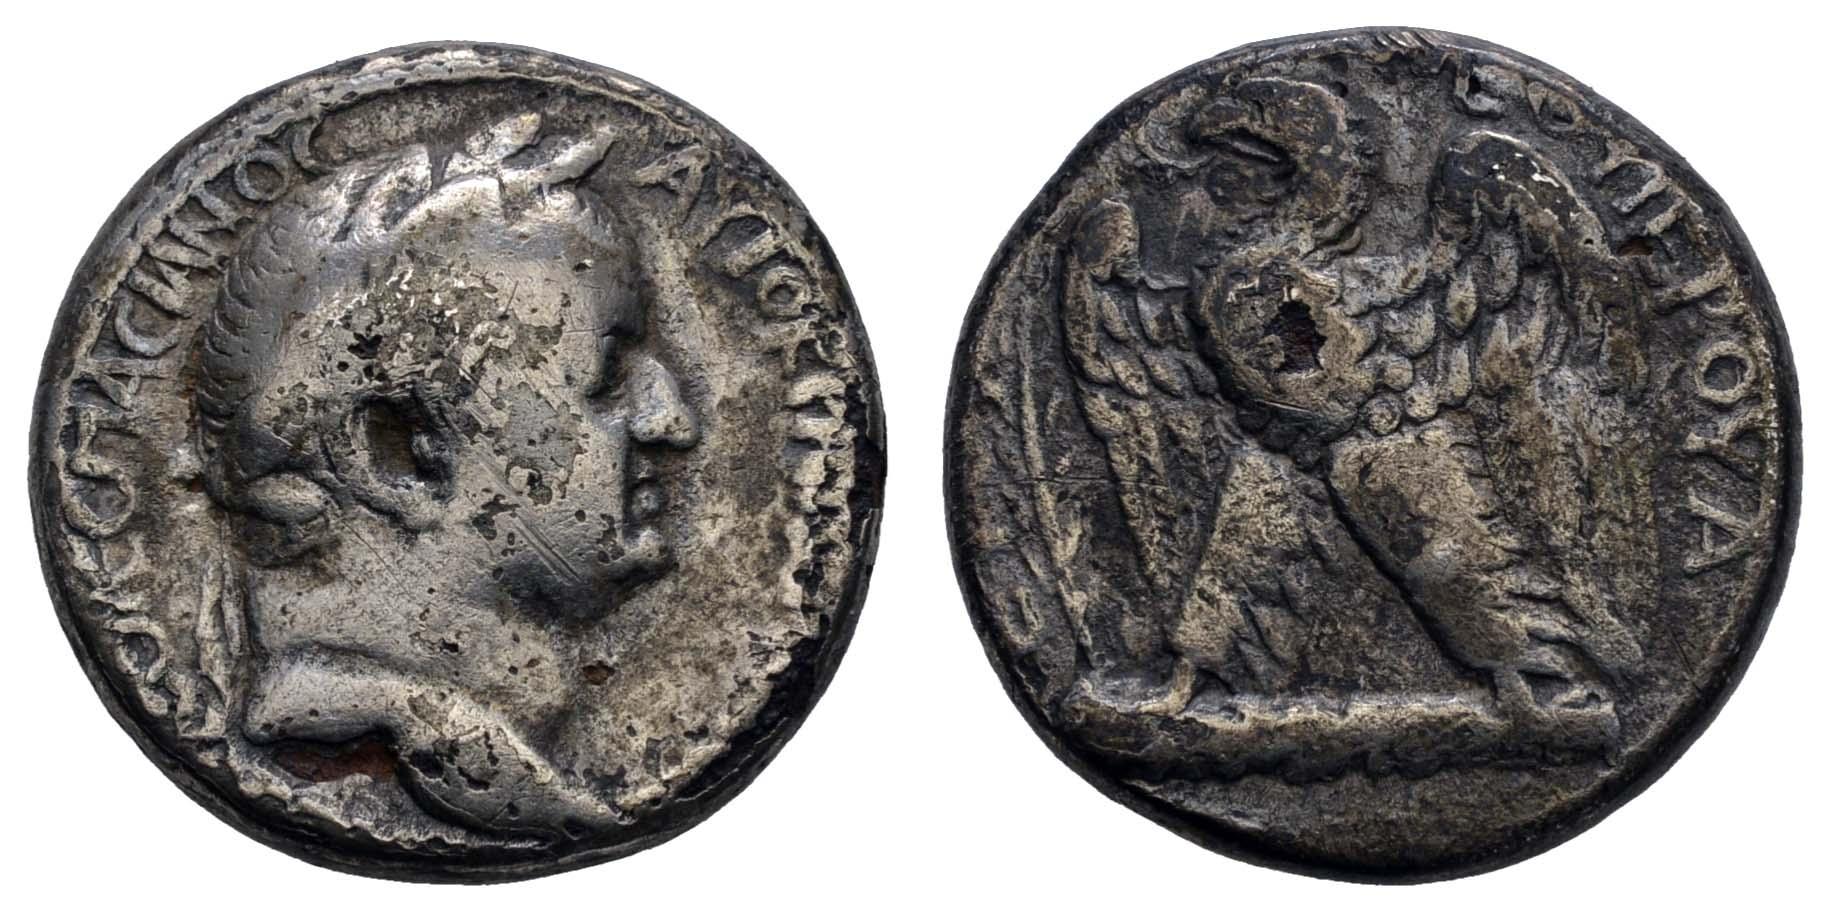 Lot 142 - Antike Griechen - Syria -  Auktionshaus Ulrich Felzmann GmbH & Co. KG Auction #161 Philatelic & Numismatic